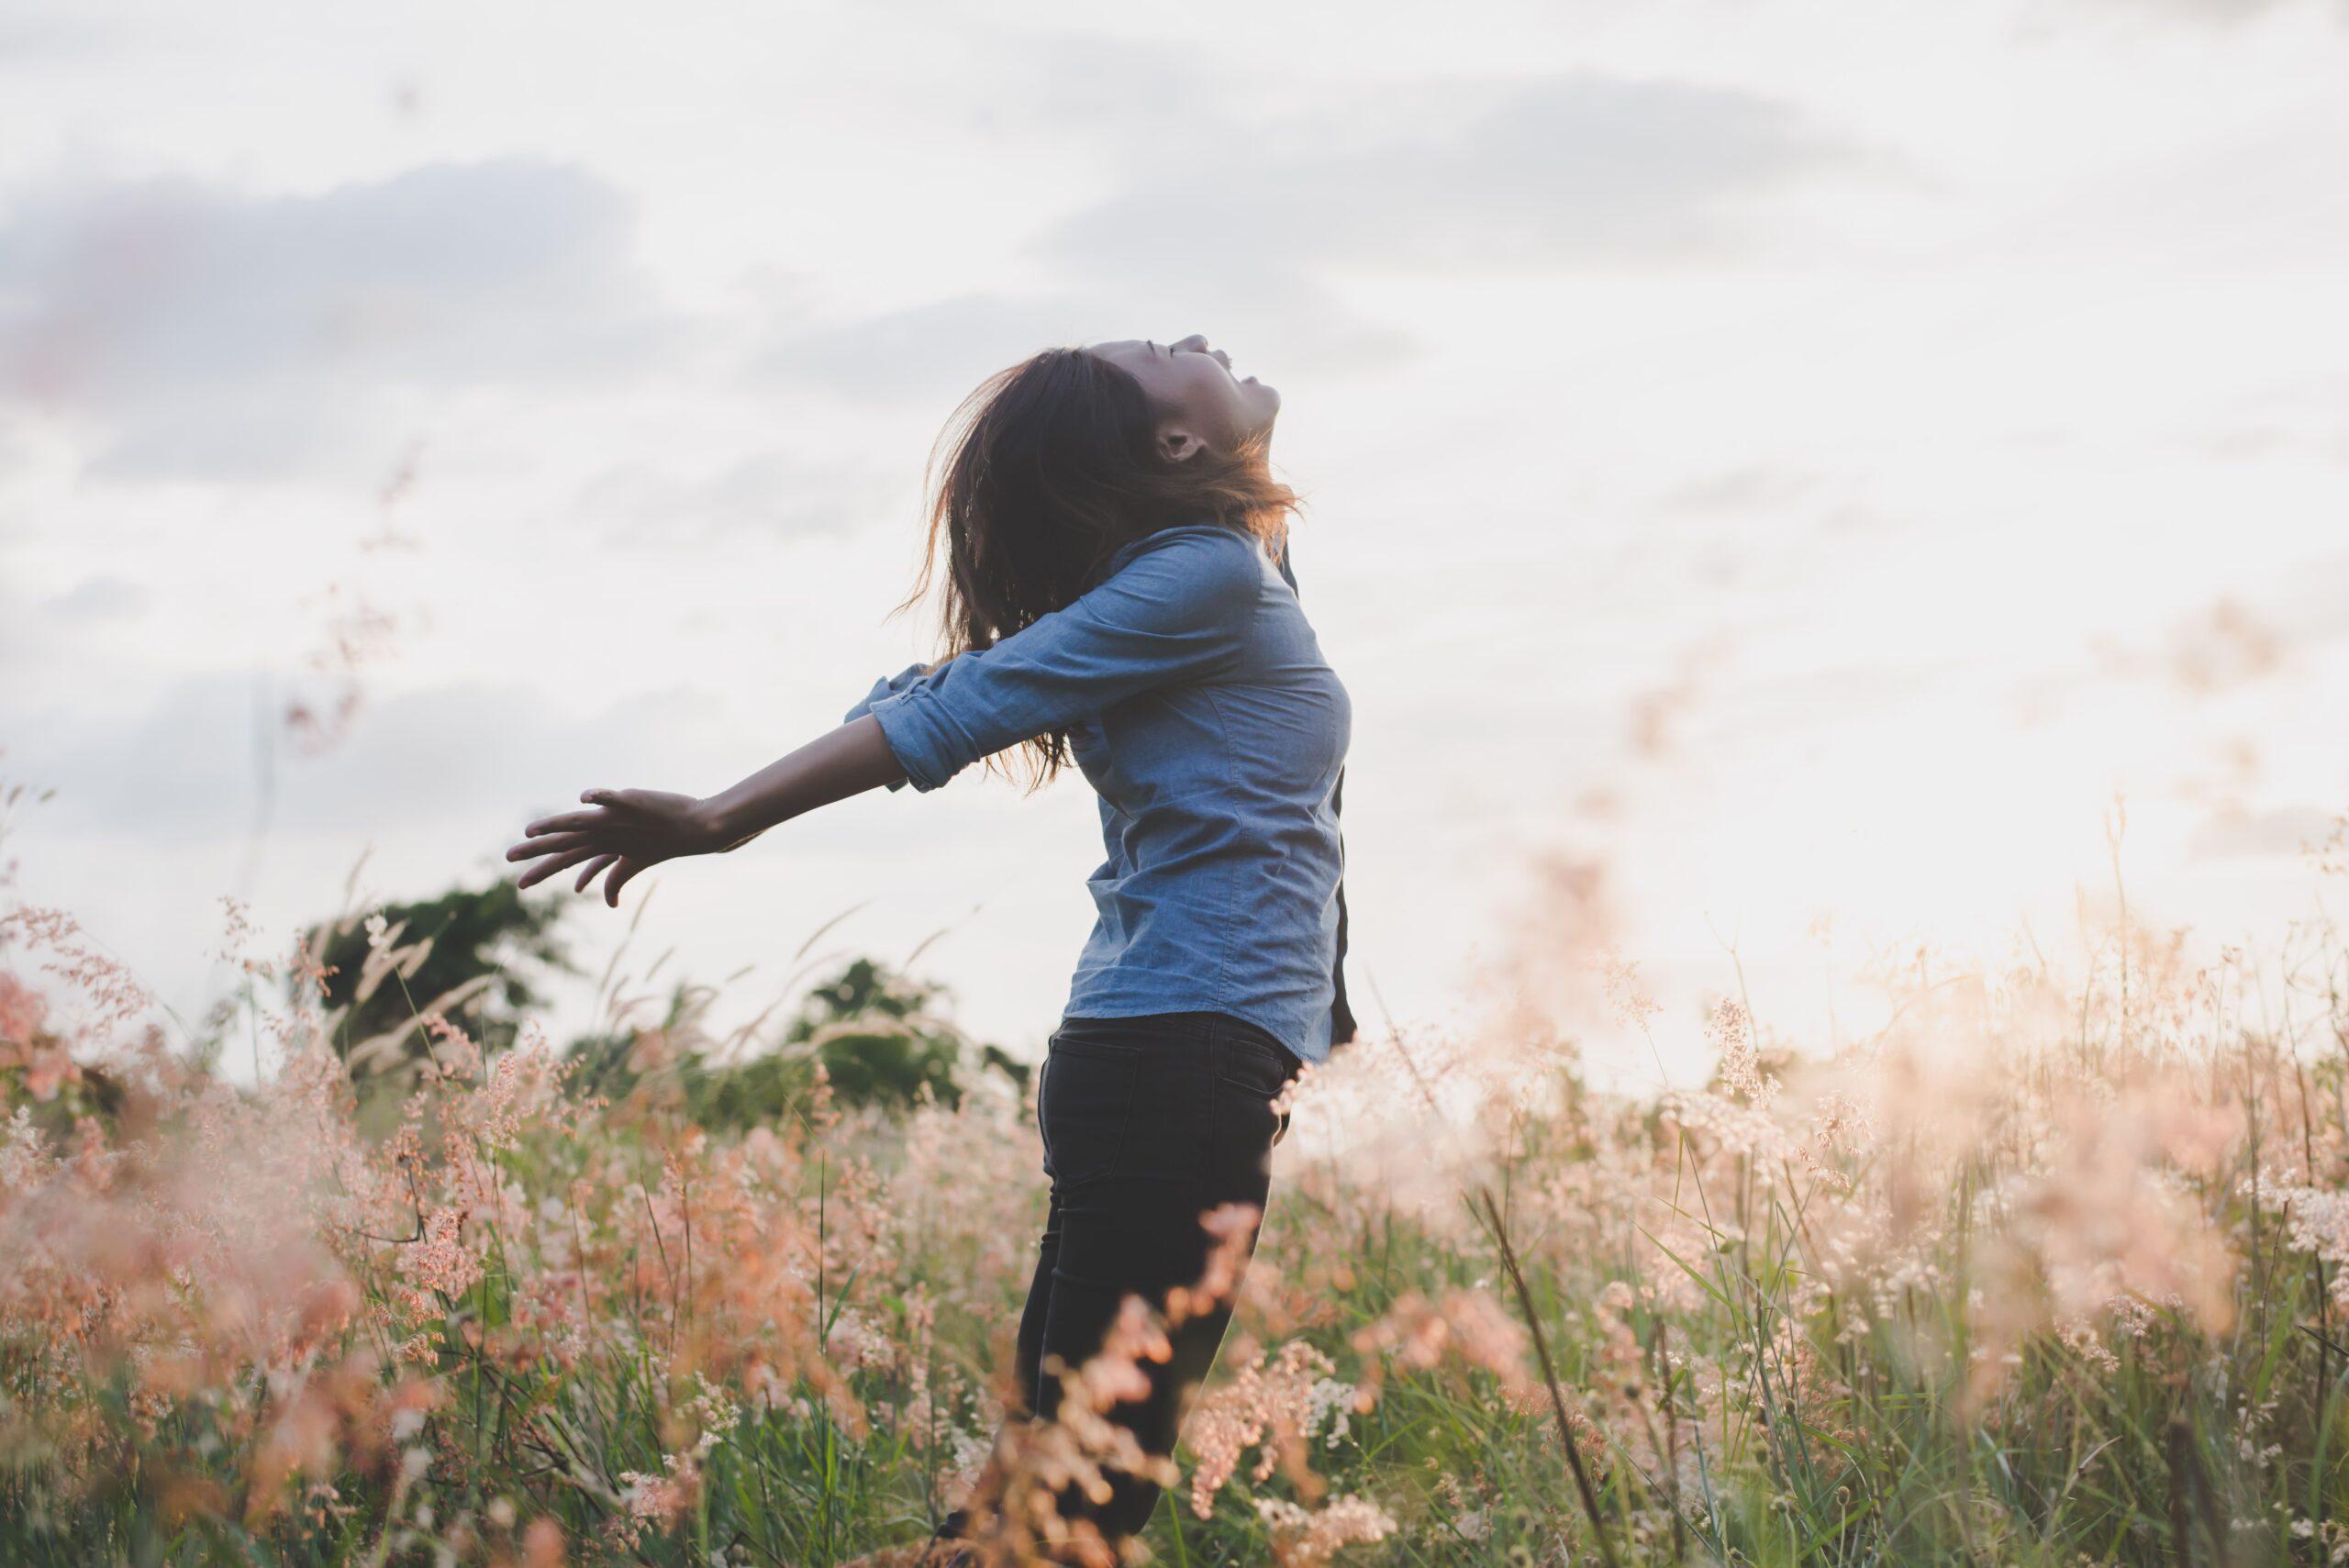 Griten, bailen, hagan lo que más aman.  #libertad #amor